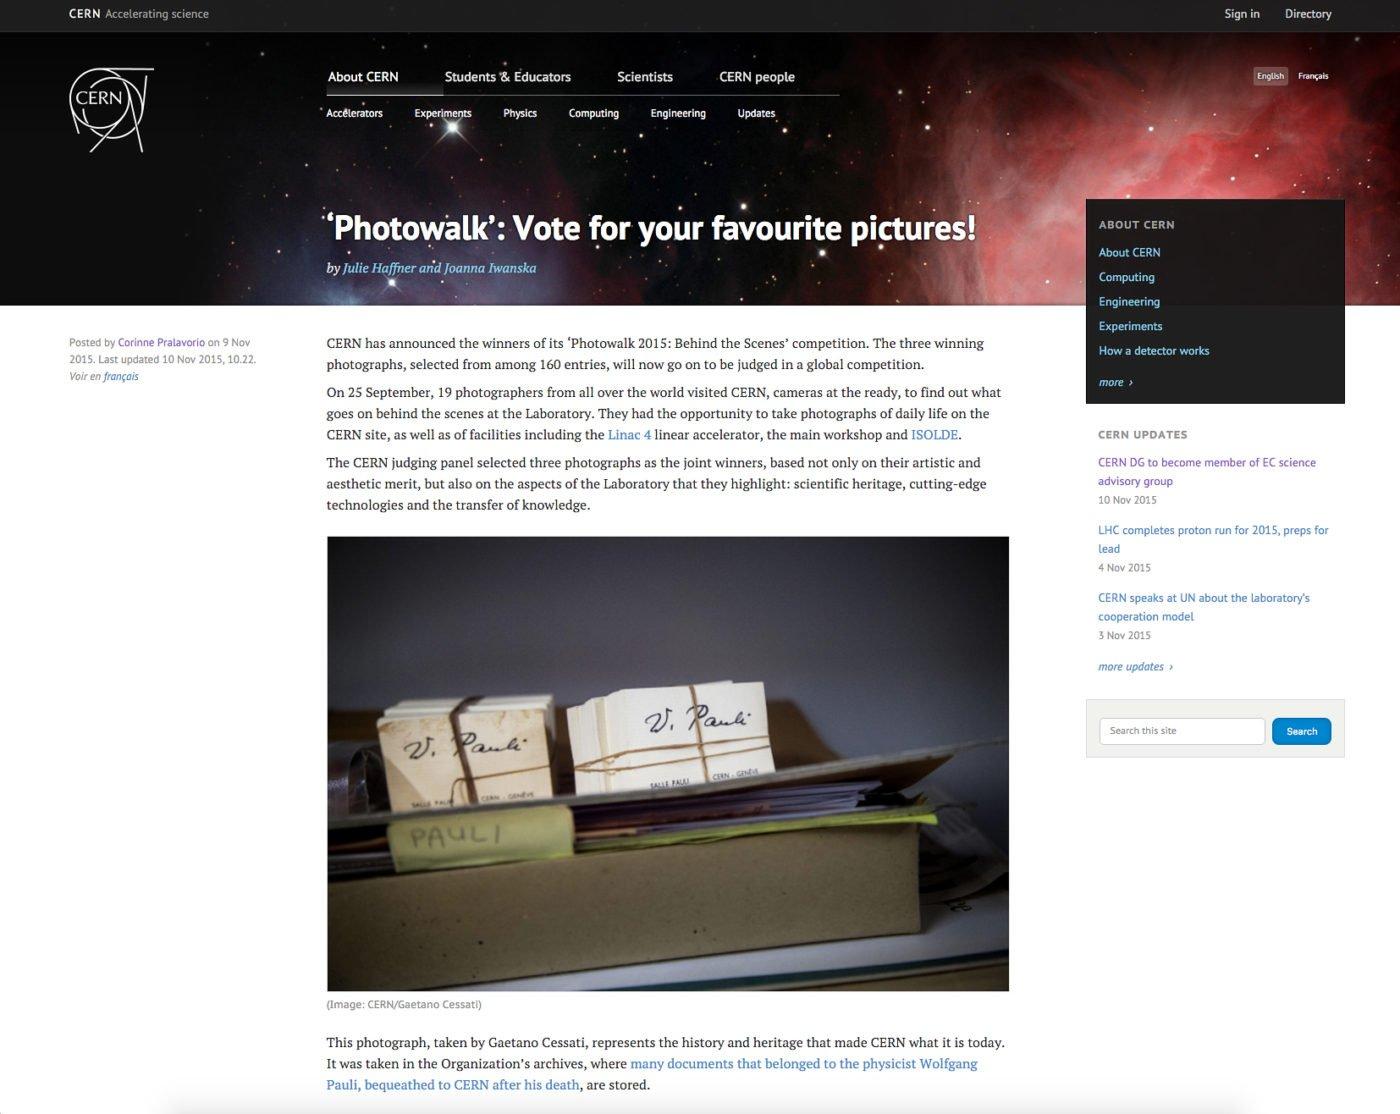 Screenshot dal sito del CERN. Articolo in cui vengono annunciate le tre foto finaliste per il GLOBAL PHYSICS PHOTOWALK 2015